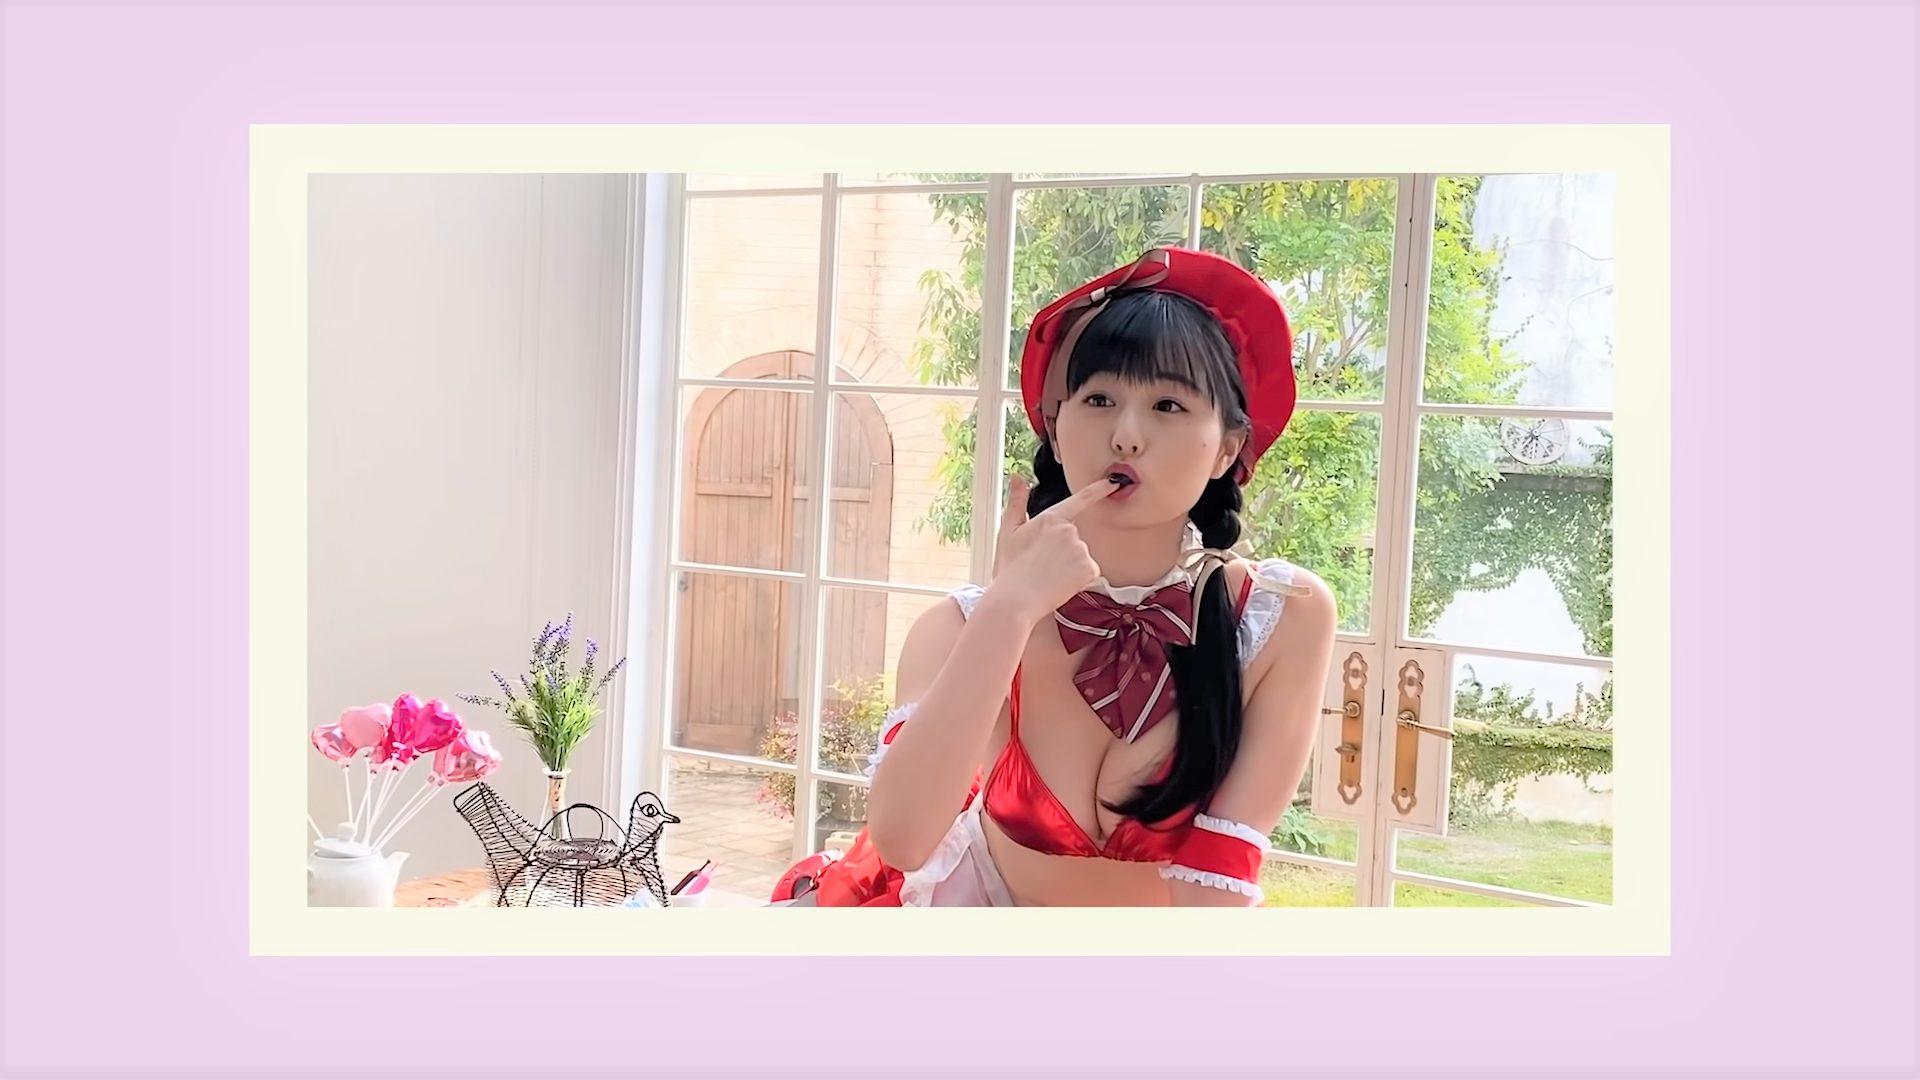 【くりえみ】Cカップ41 ヤングキング!撮影裏側動画!セクシーな姿を披露!